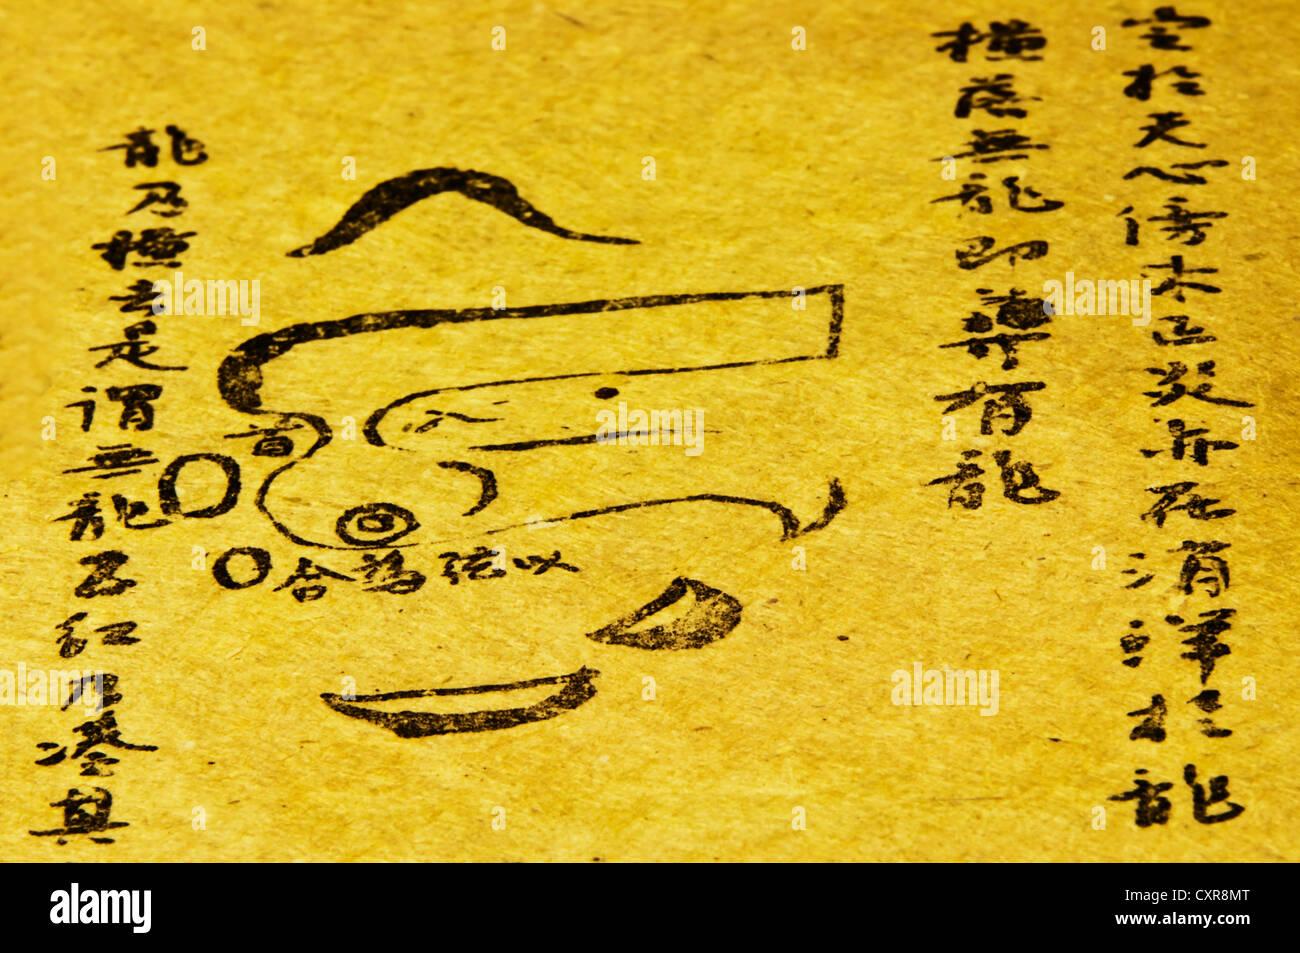 Il cinese antico libro di oltre 150 anni circa i segreti del fengshui Immagini Stock